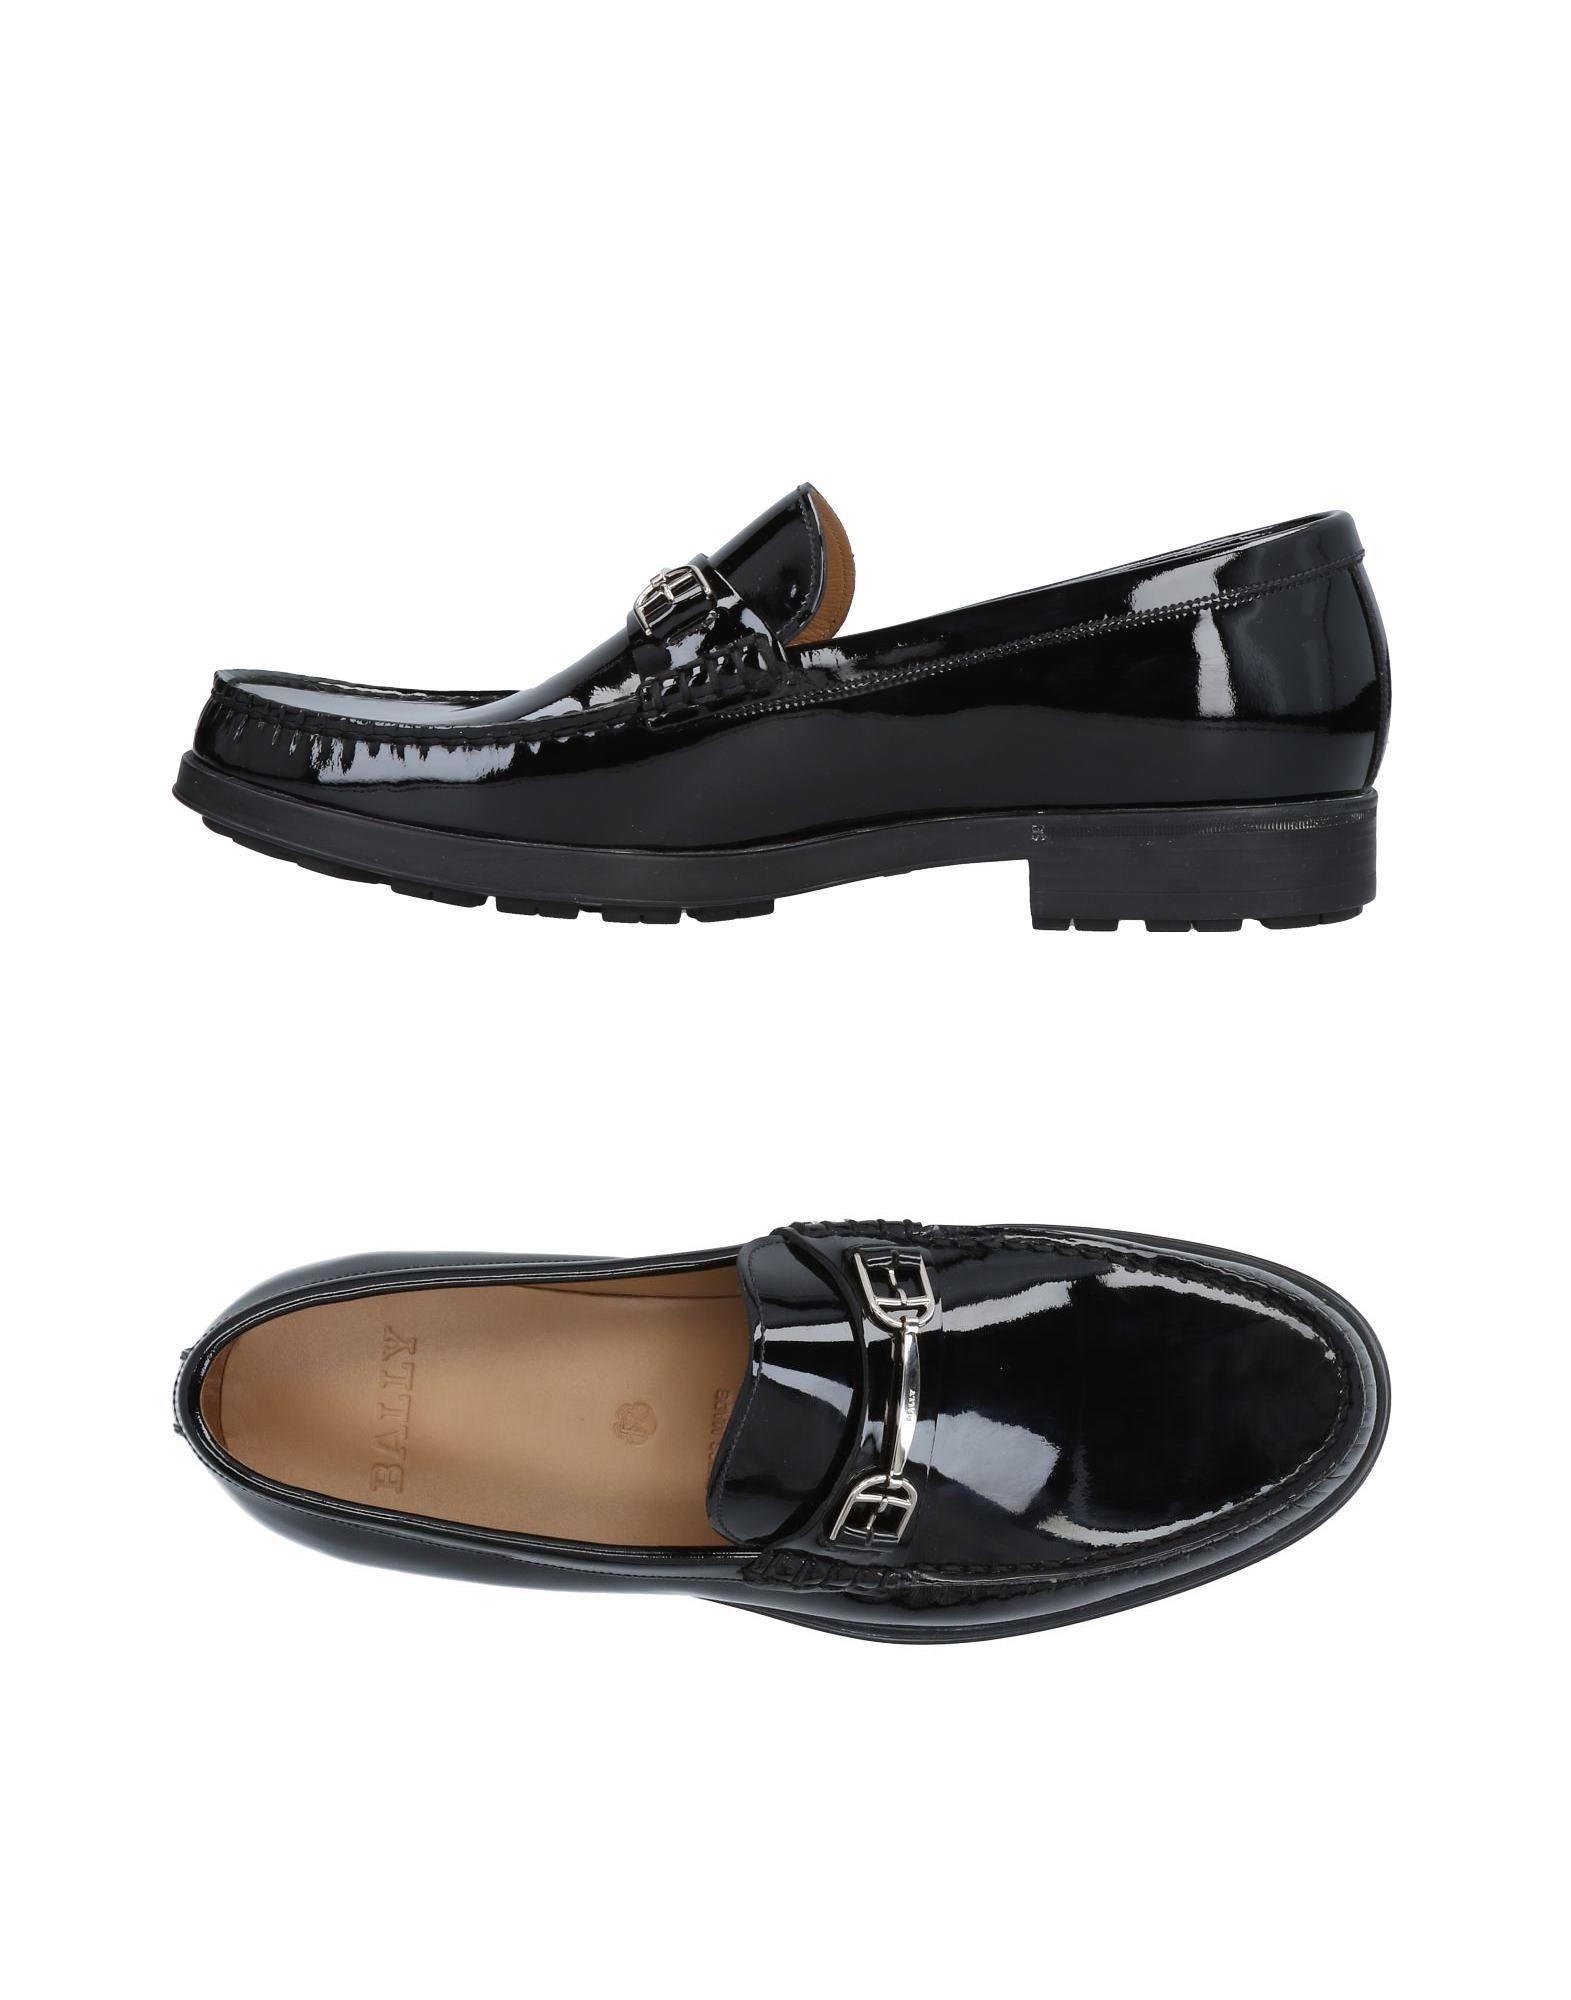 Bally Mokassins Herren  11475141VE Gute Qualität beliebte Schuhe